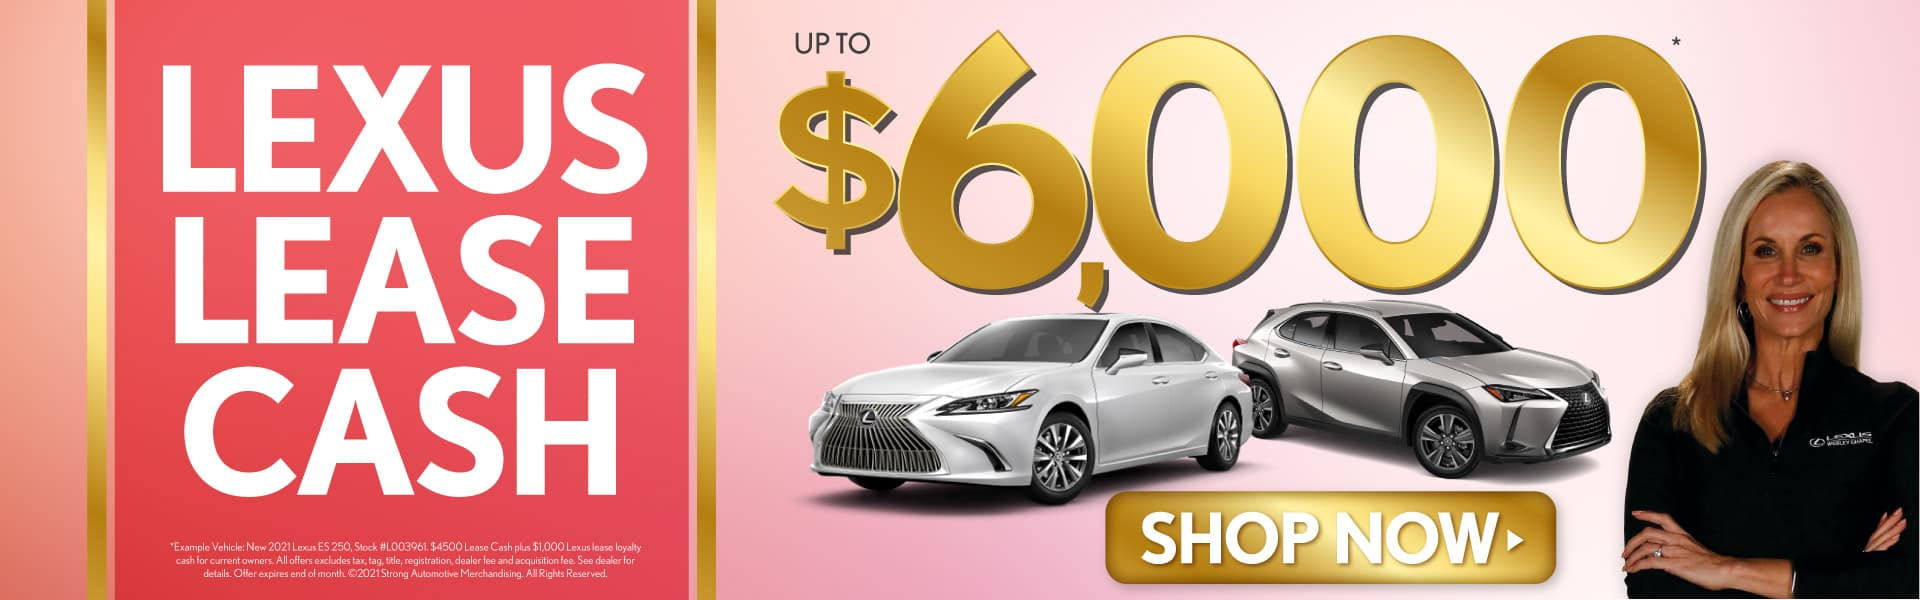 Lexus Lease Cash up to $6000 - SHOP NOW